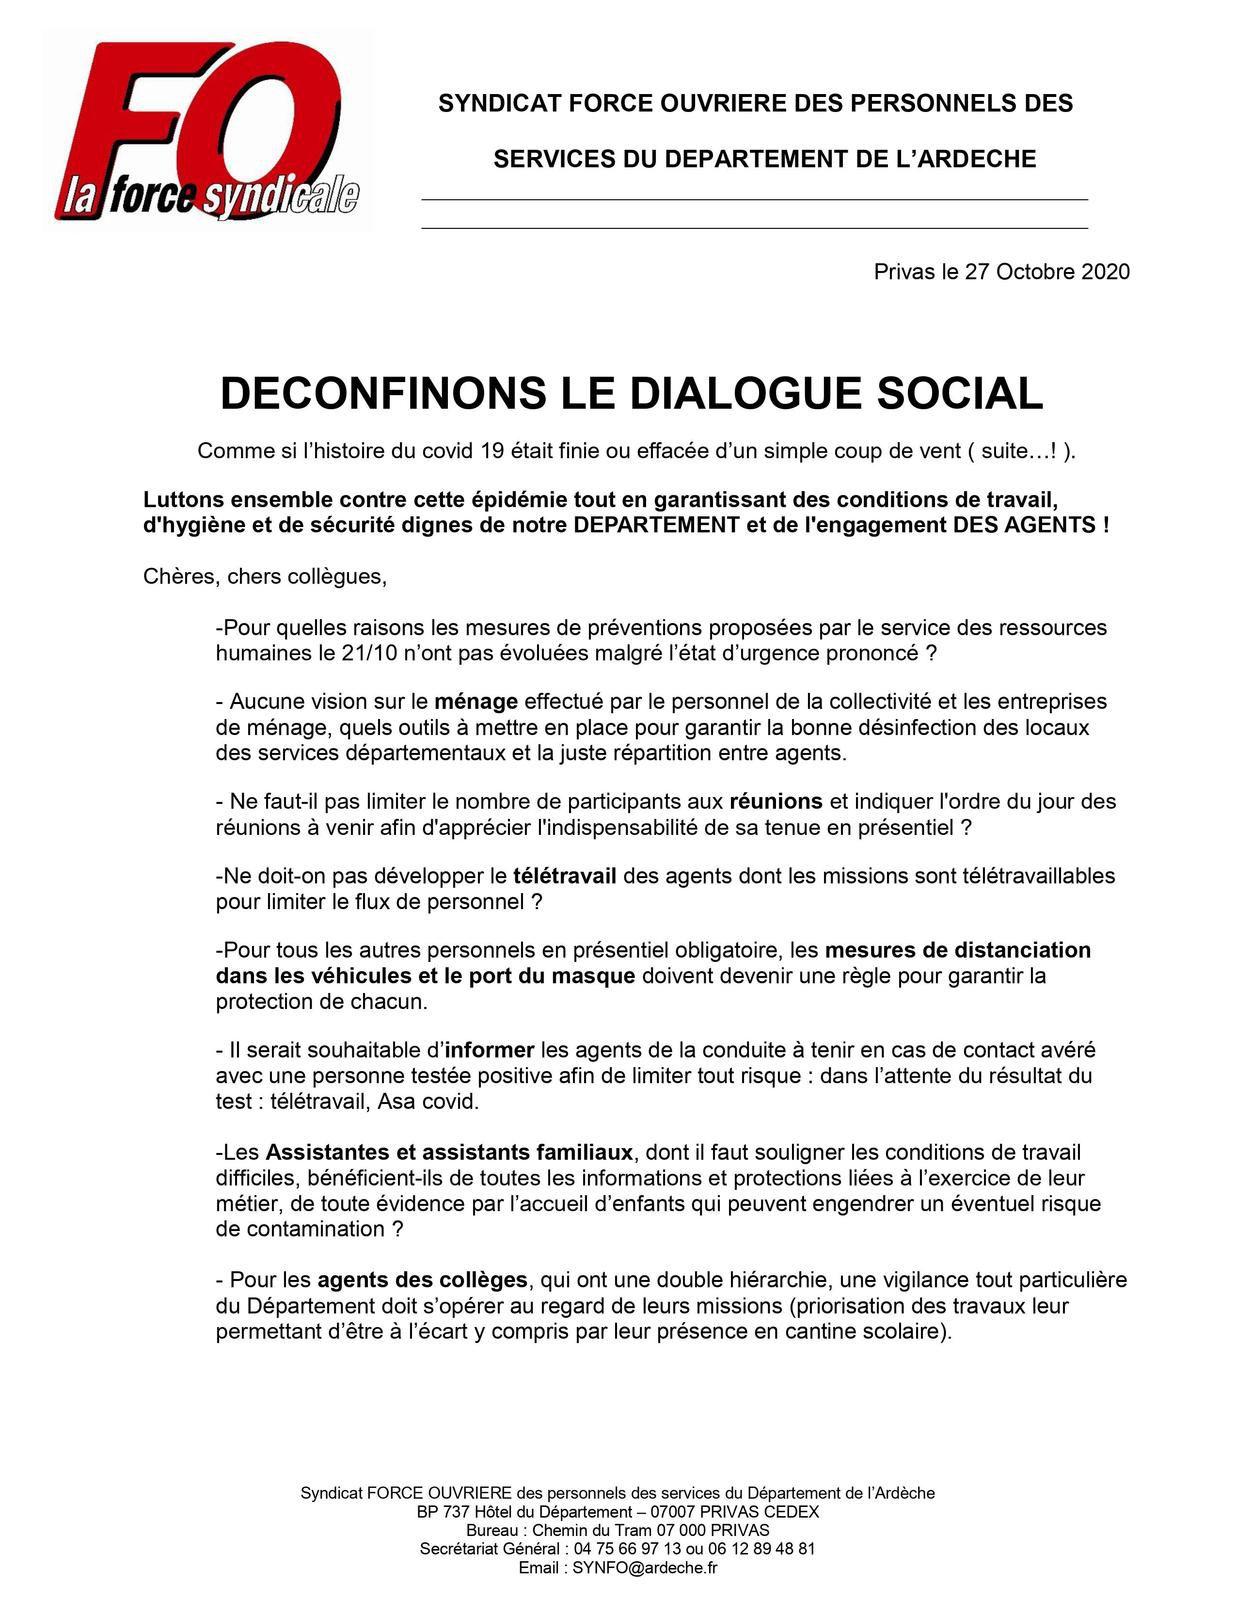 DECONFINONS LE DIALOGUE SOCIAL